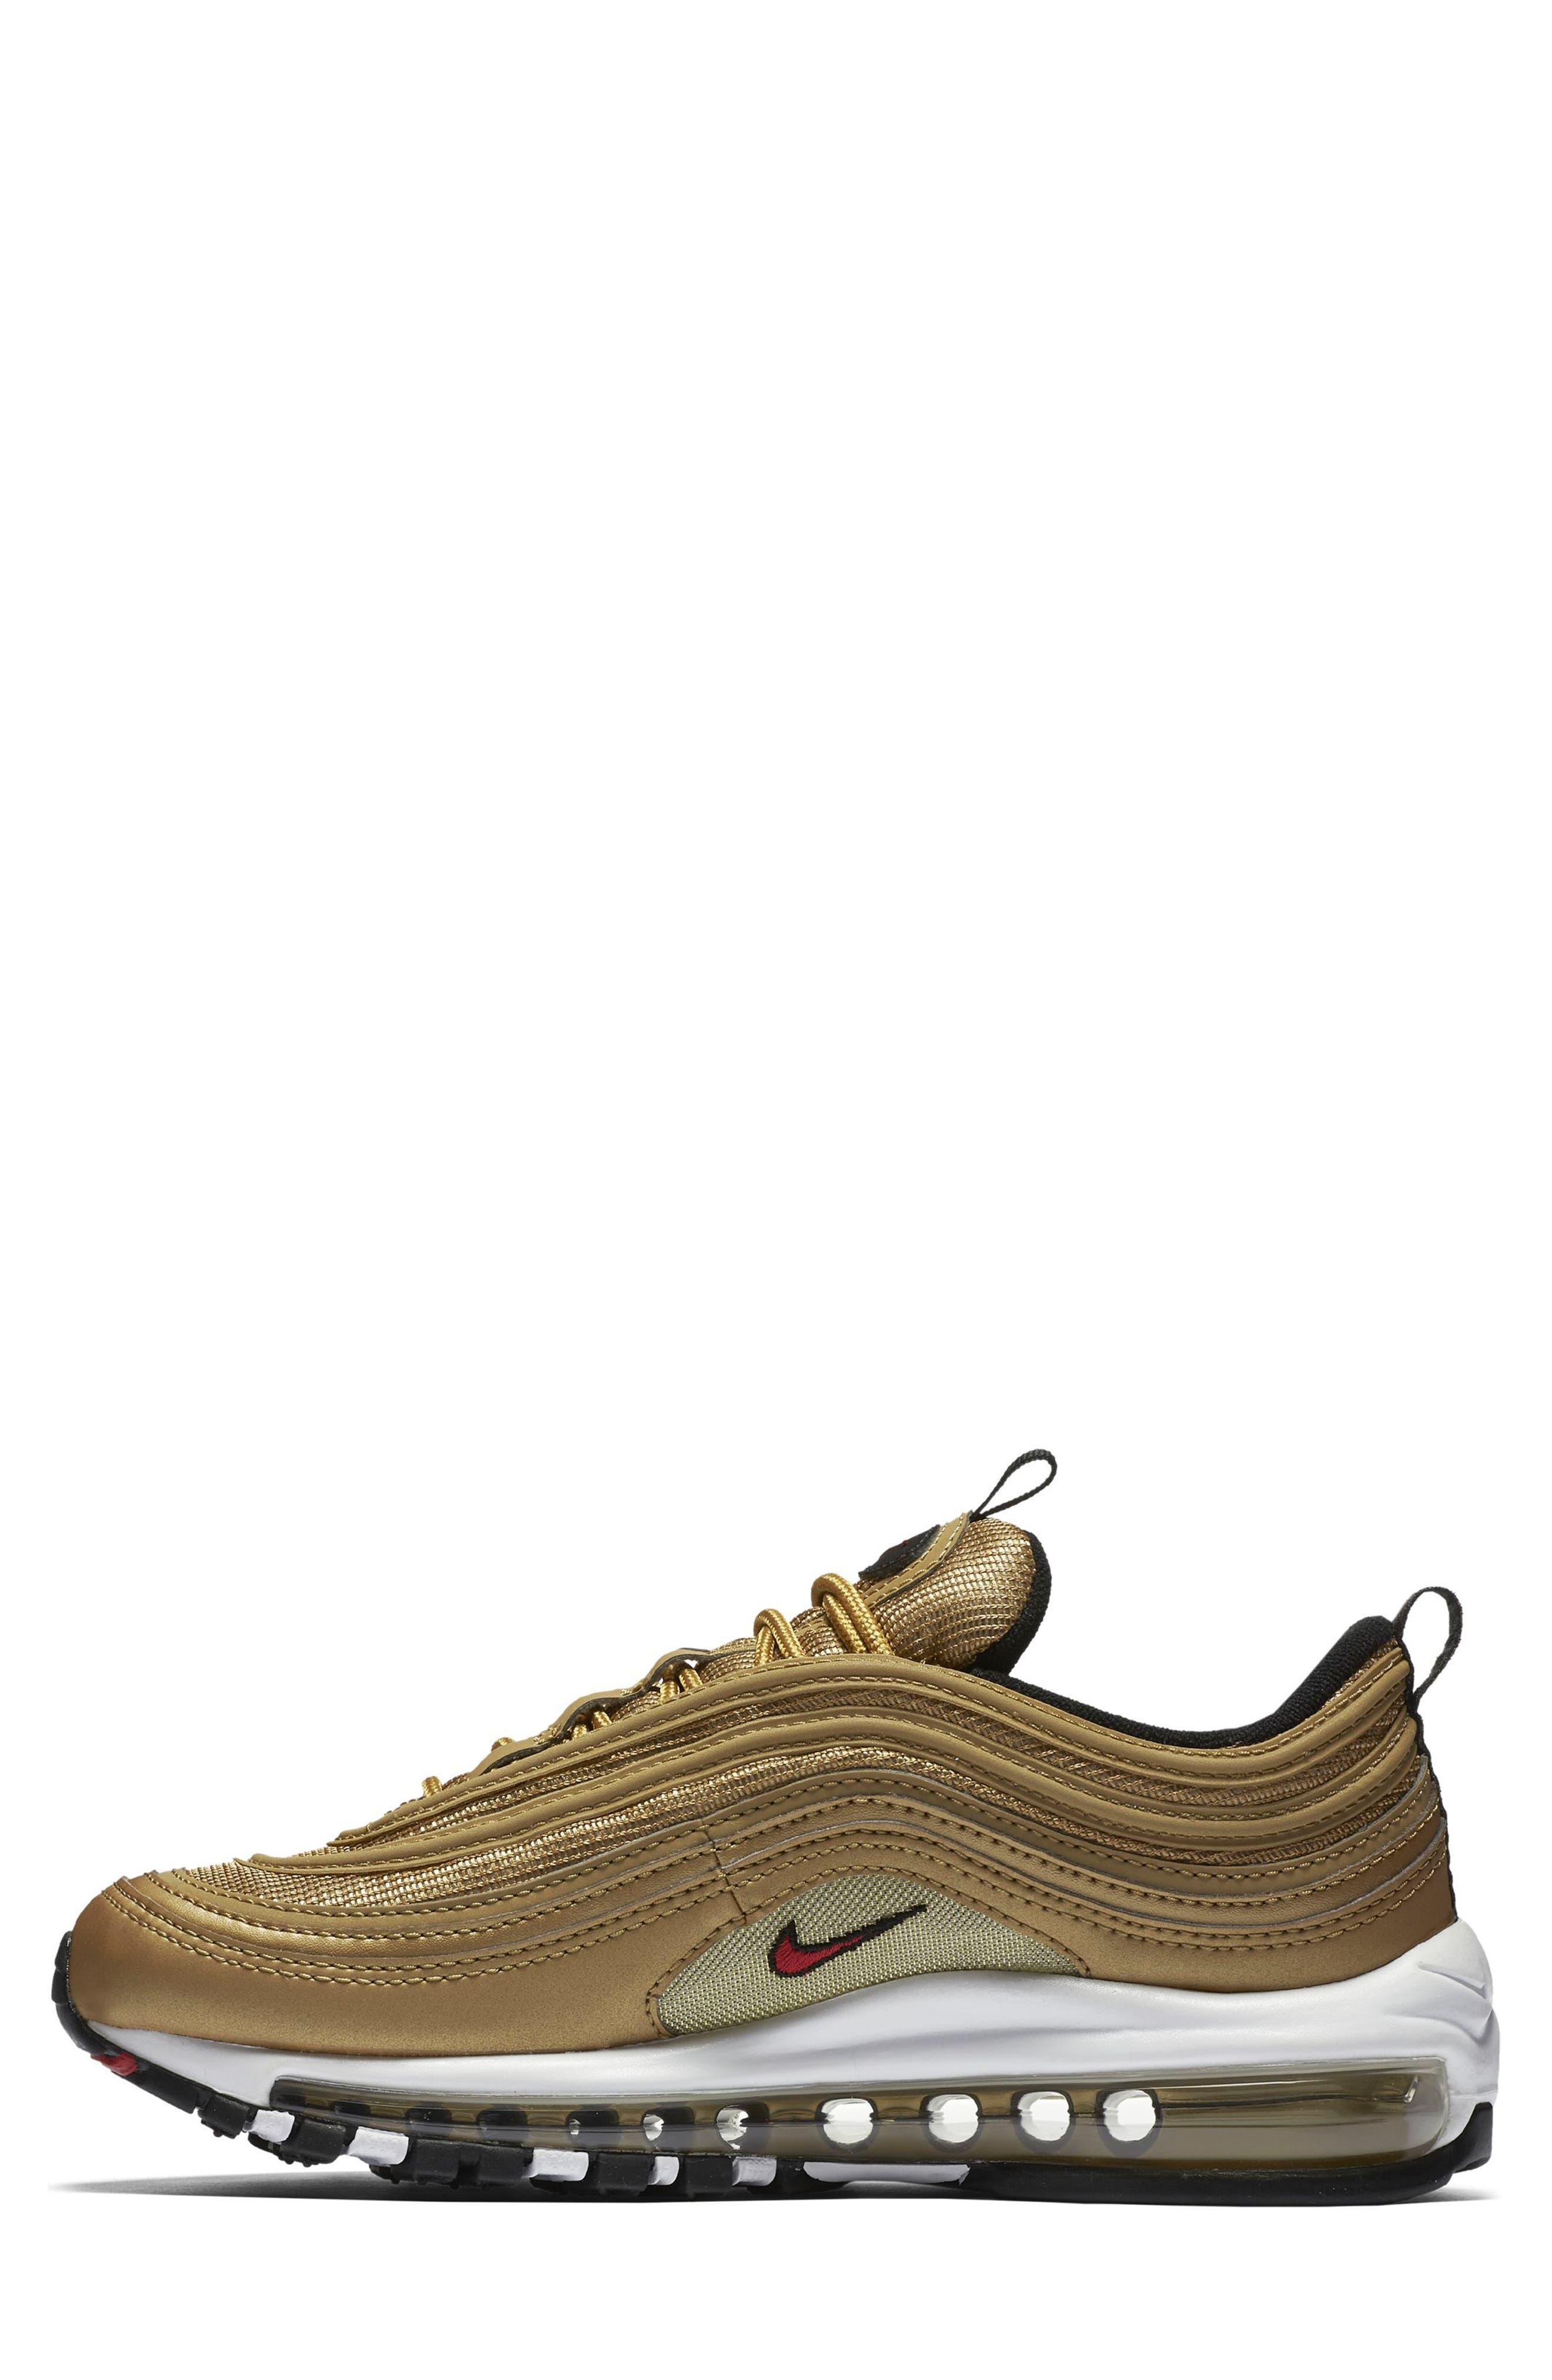 Air Max 97 OG Sneaker,                             Alternate thumbnail 2, color,                             Gold/ Red/ White/ Black